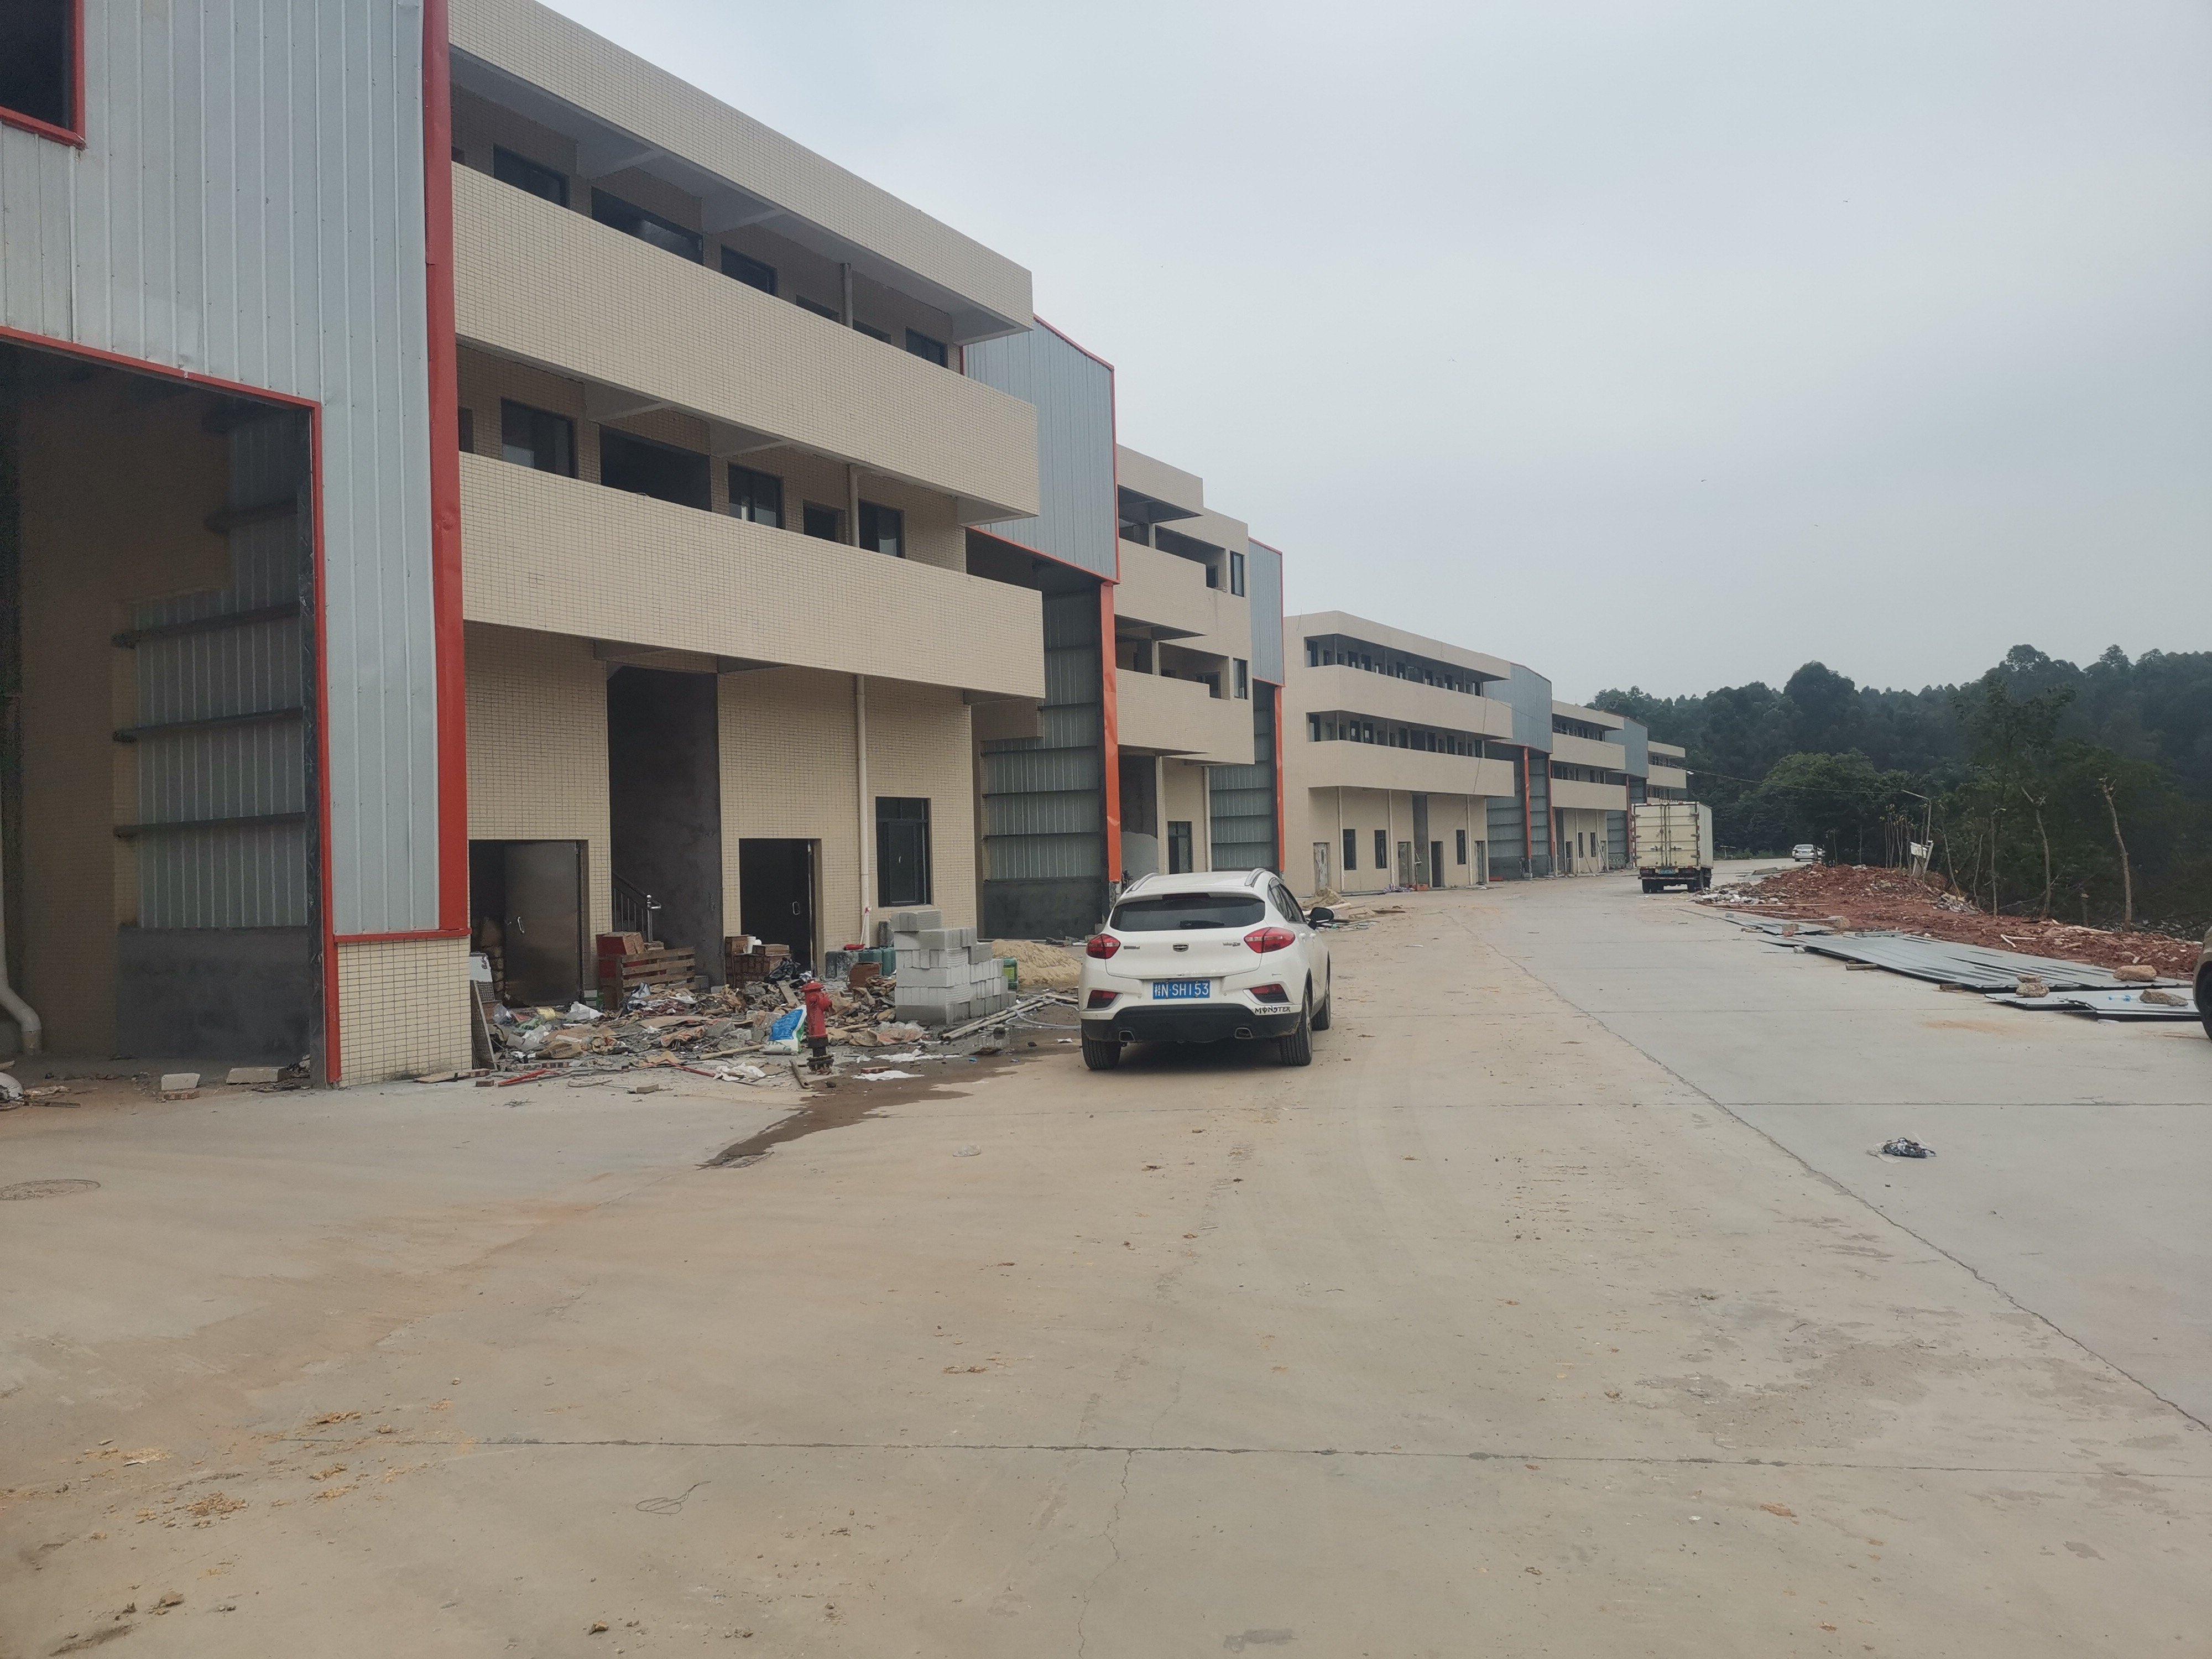 南海区狮山镇,全新厂房仓库出租,装修豪华价格优惠。